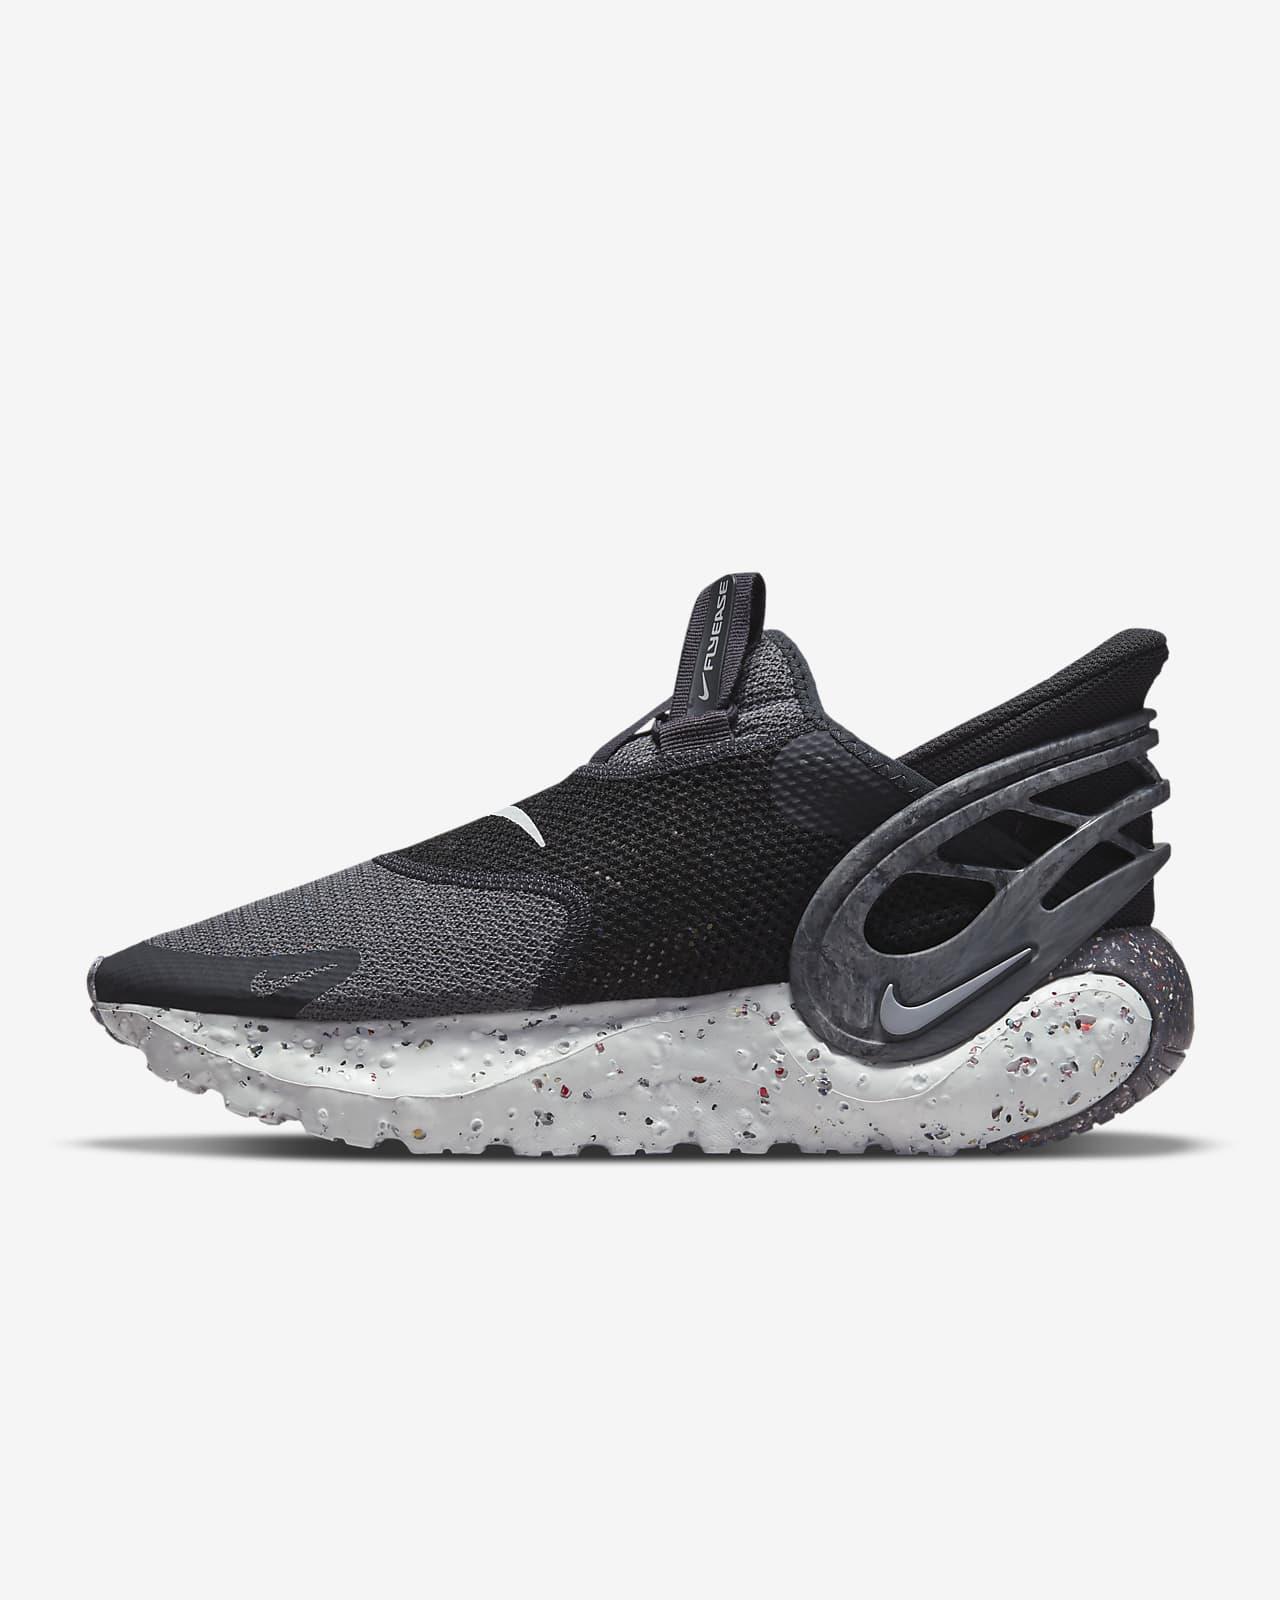 Παπούτσι Nike Glide FlyEase